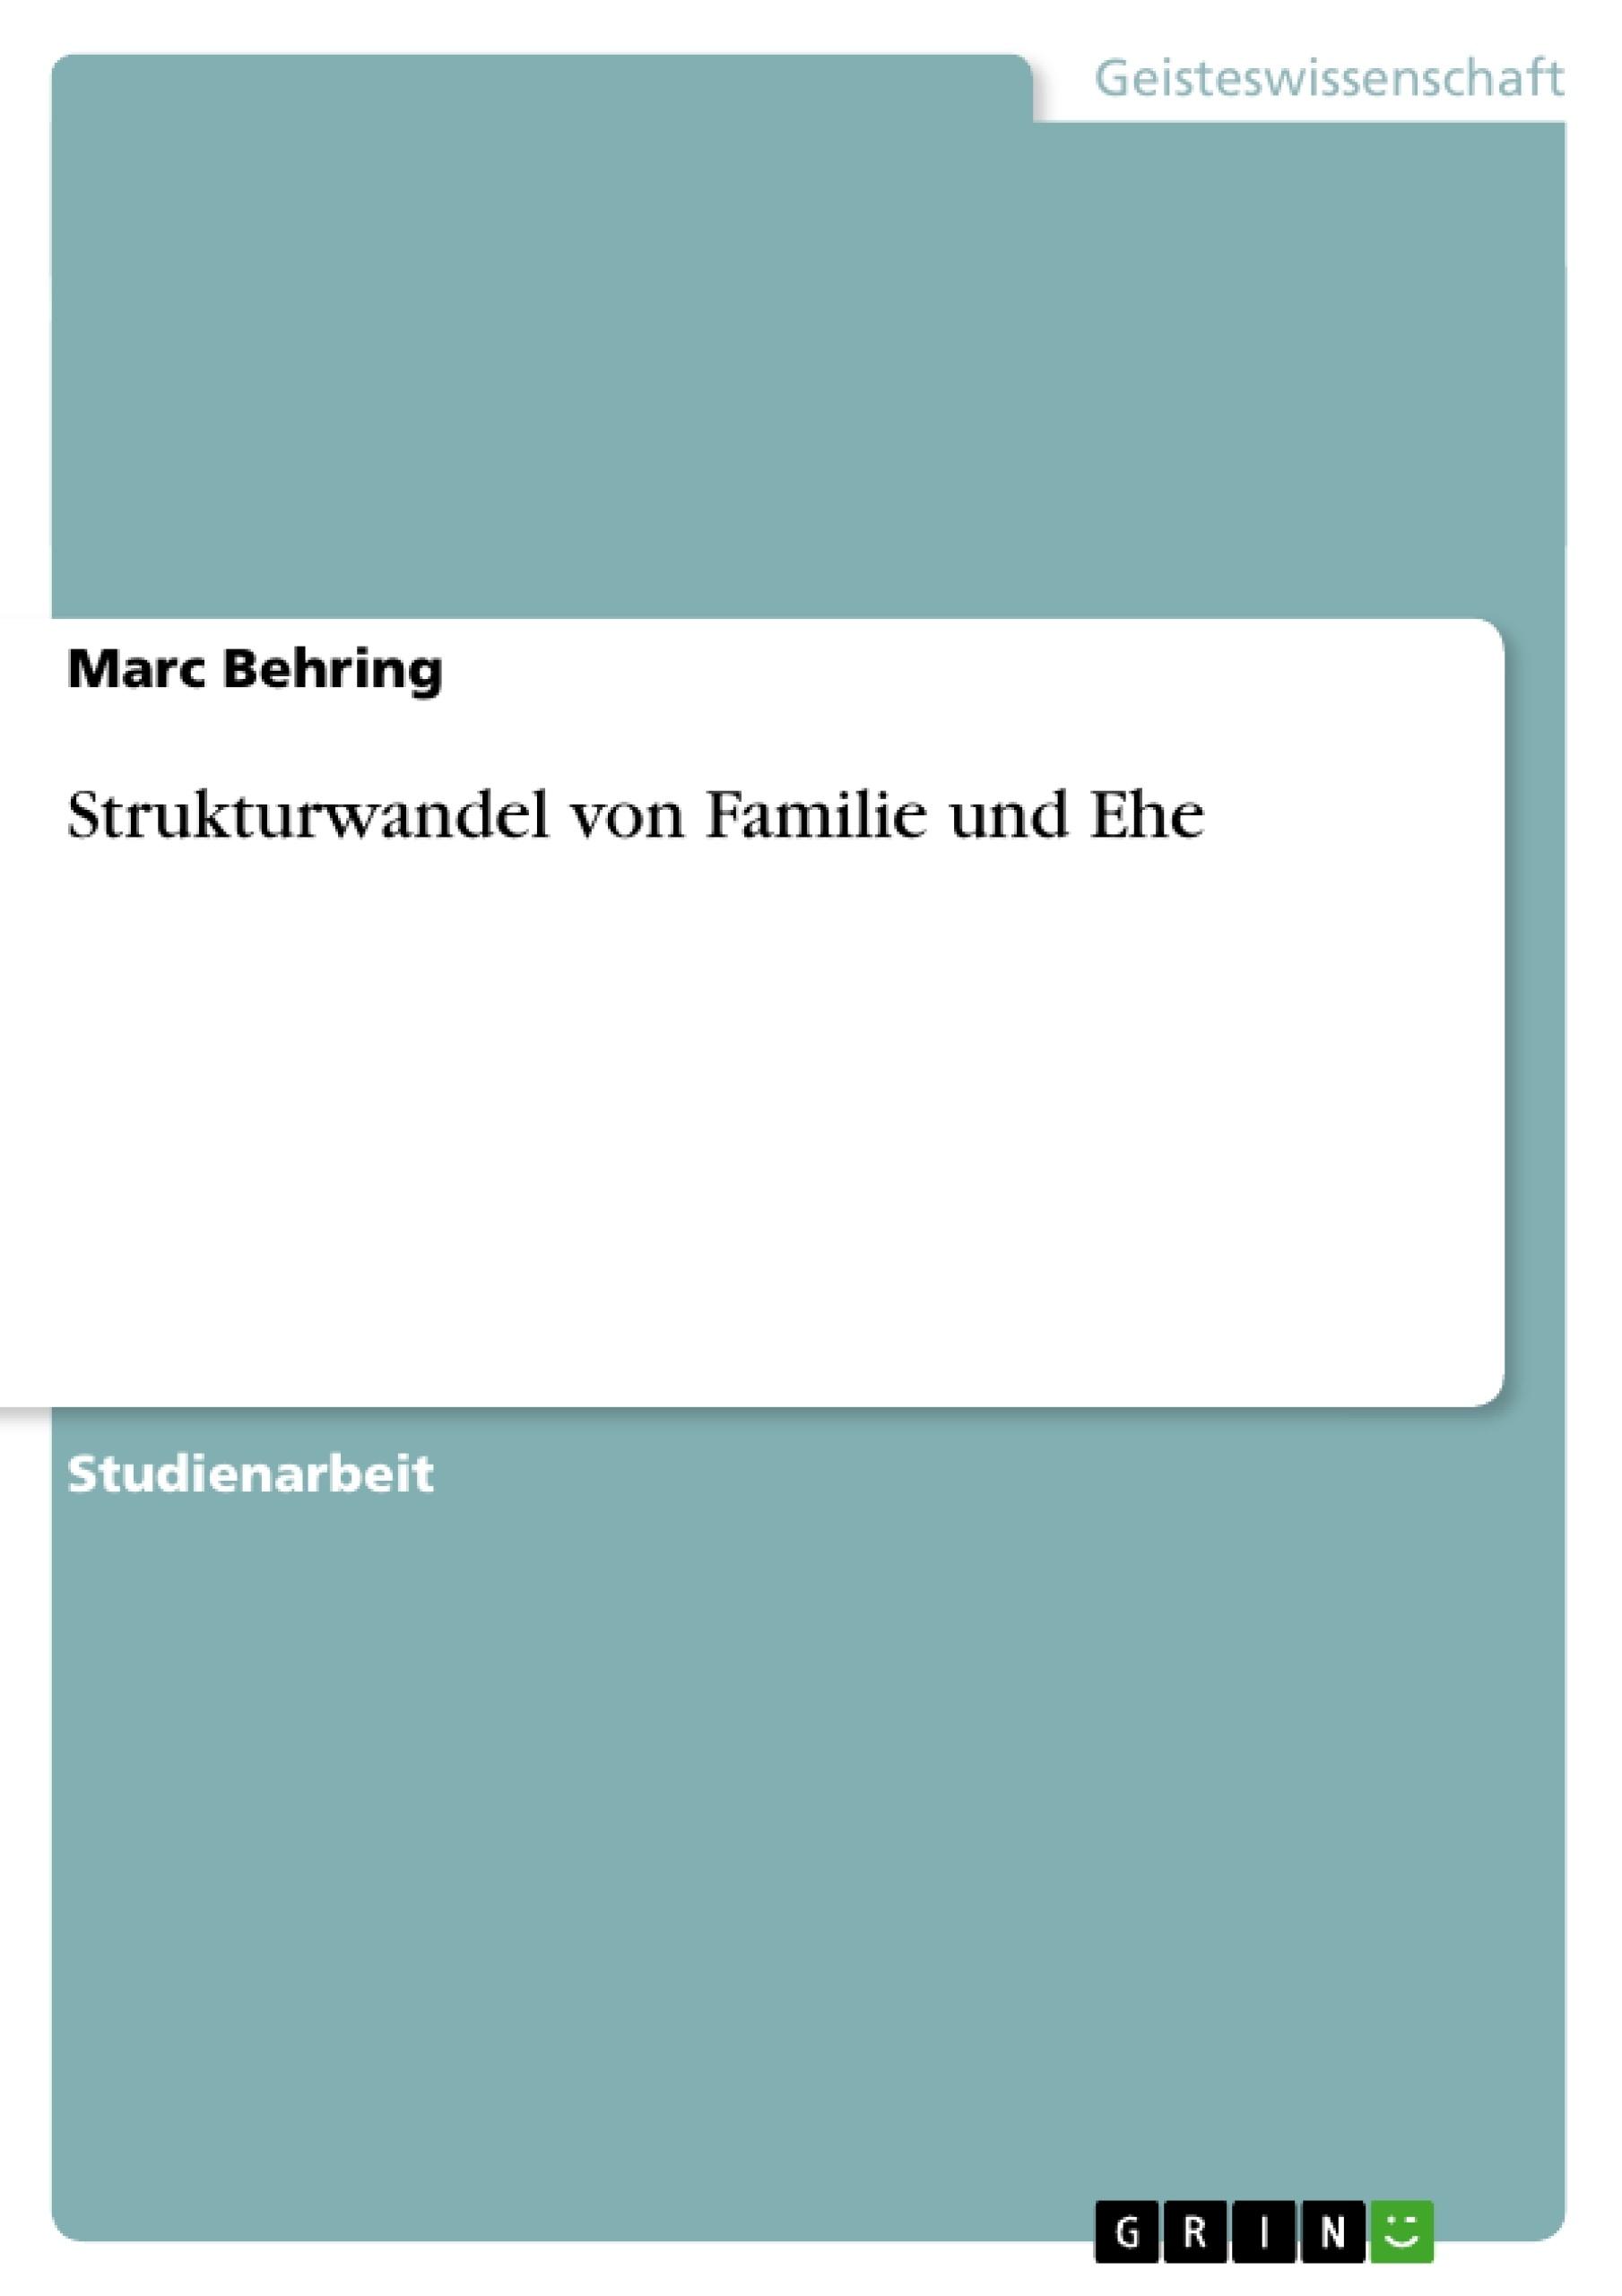 Titel: Strukturwandel von Familie und Ehe